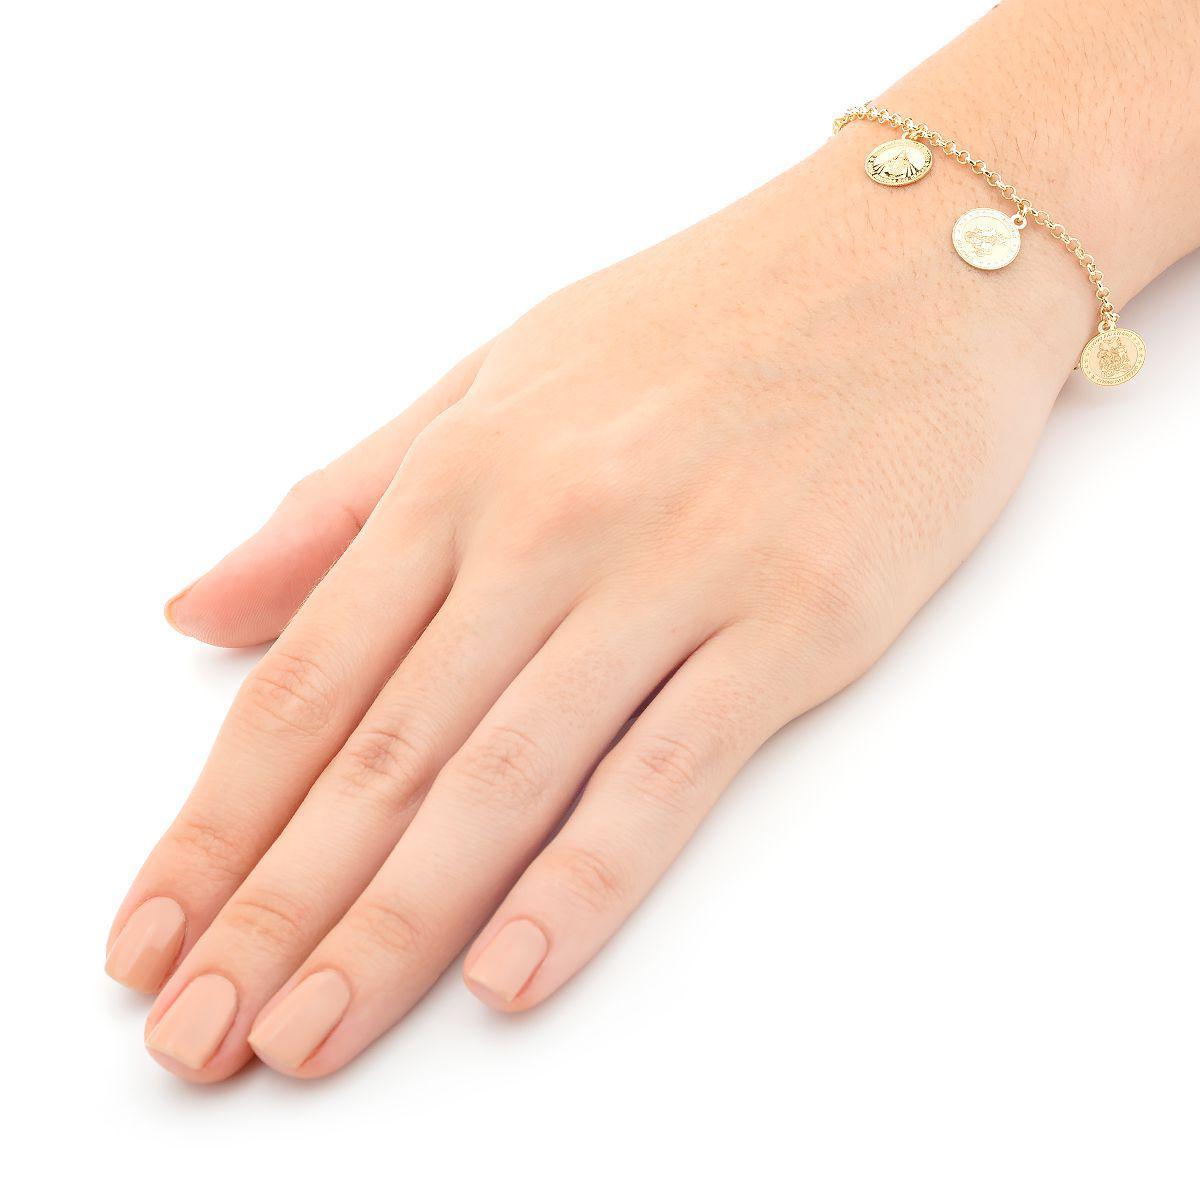 Pulseira de Ouro 18k com Berloques de Santos 19cm pu02956 - Joiasgold R   3.222,45 à vista. Adicionar à sacola a1253dd85d